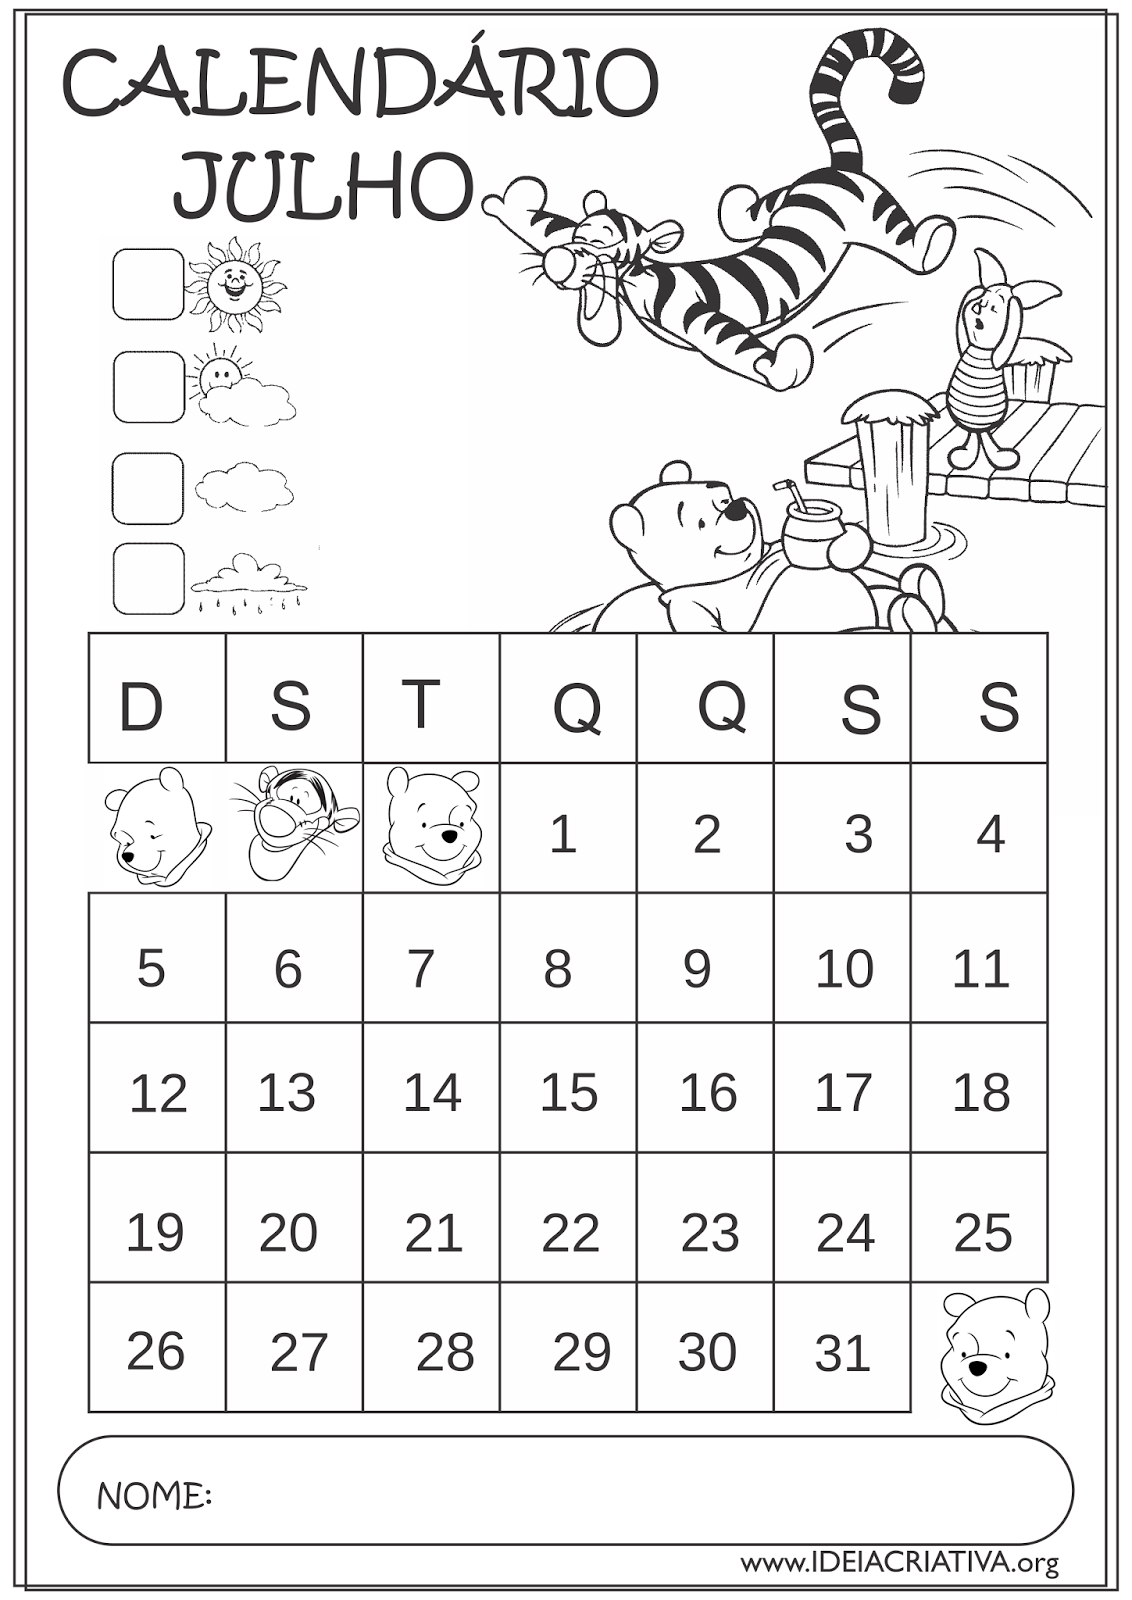 Calendários Julho 2015 Turma do Pooh Educação Infantil